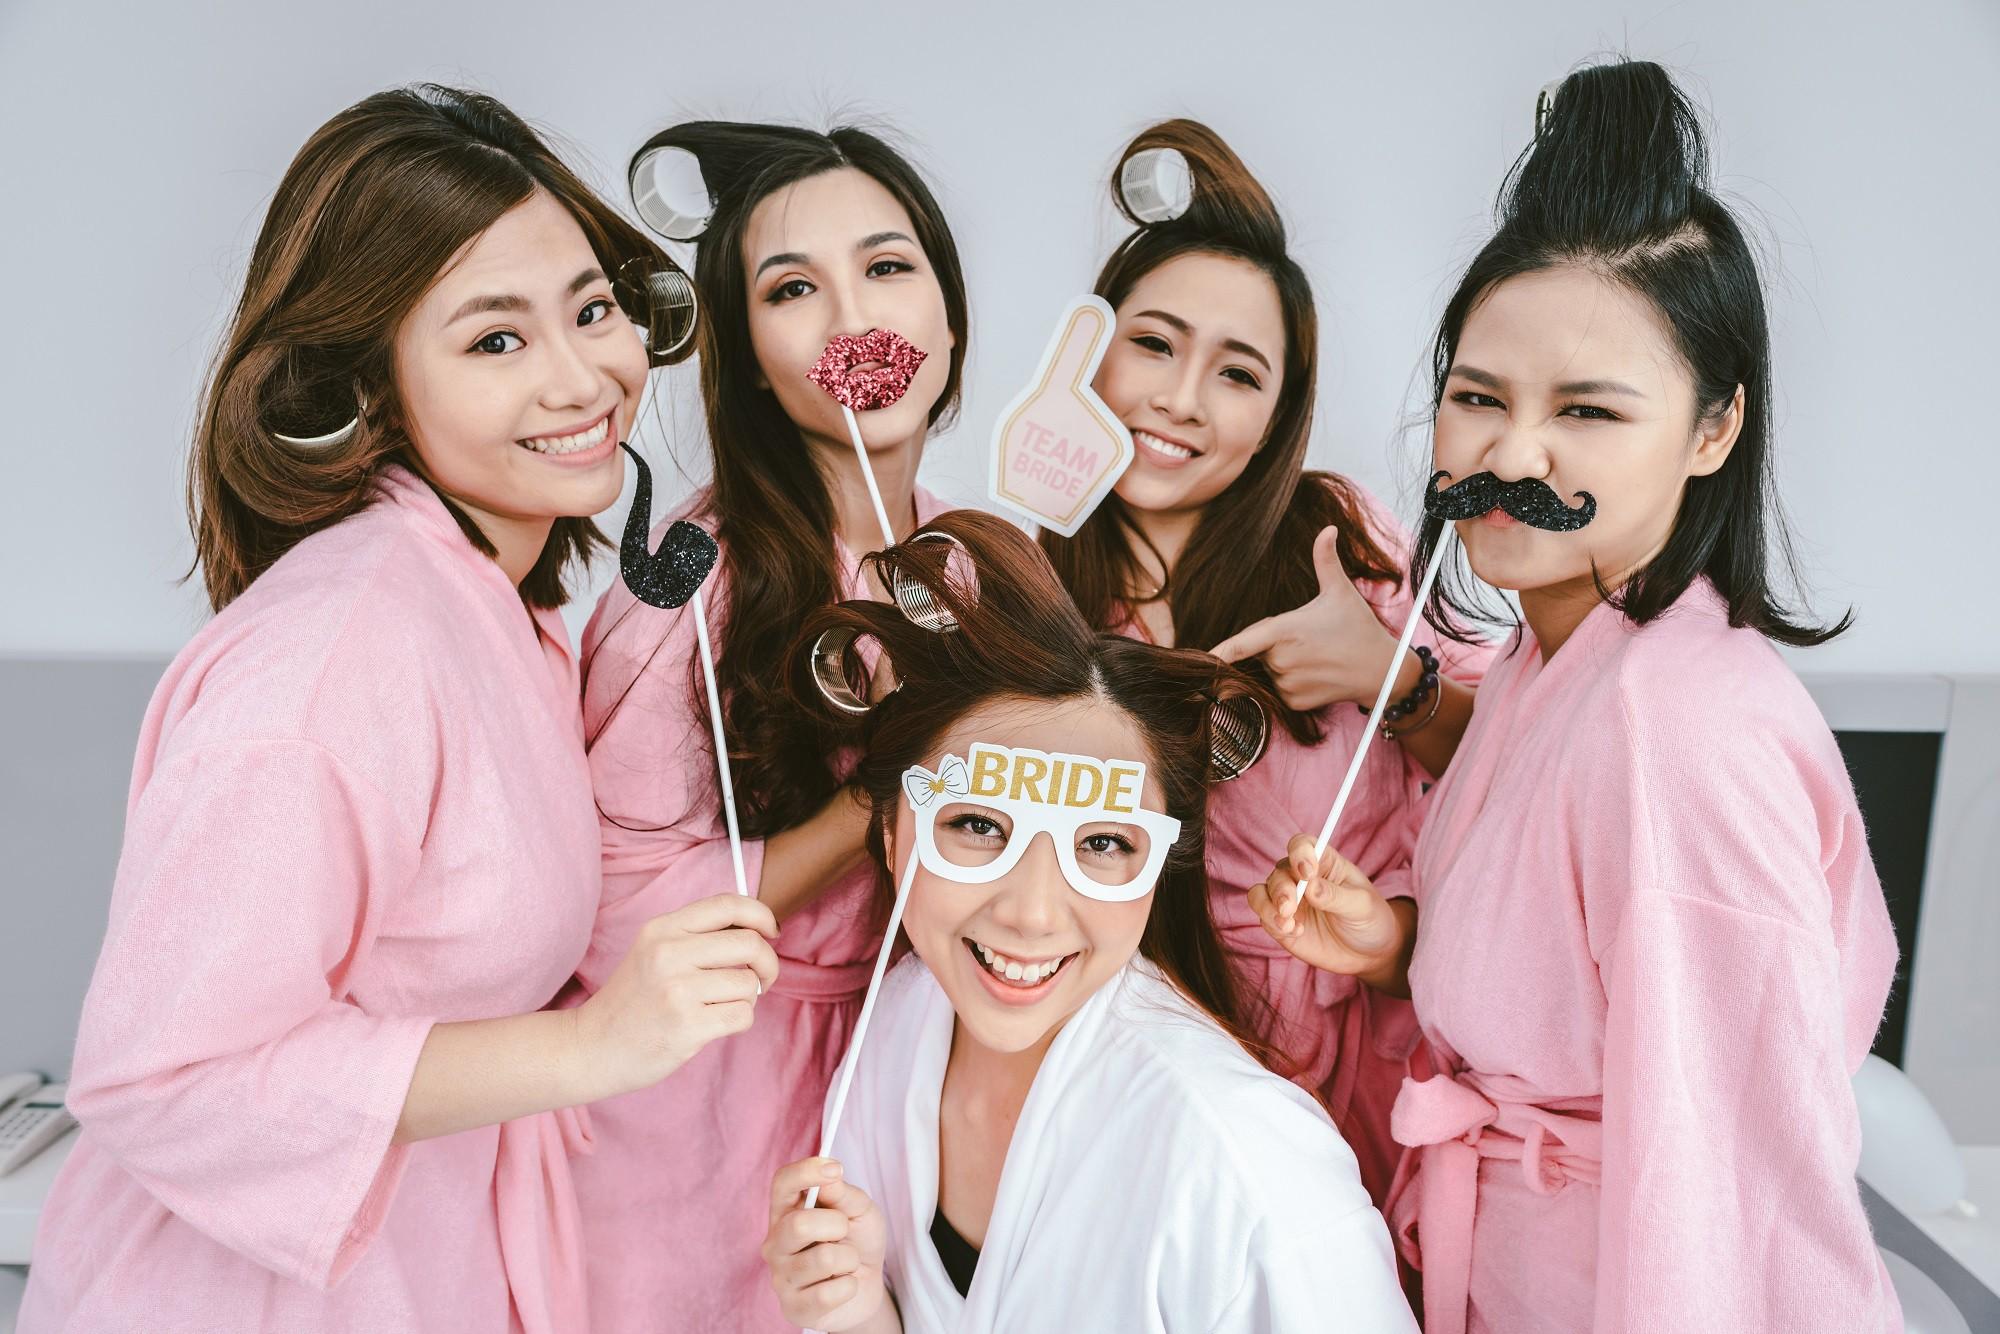 Em gái Trấn Thành kết hôn với bạn trai Hồng Kông, tung bộ ảnh cưới nhắng nhít cùng hội bạn thân - Ảnh 13.